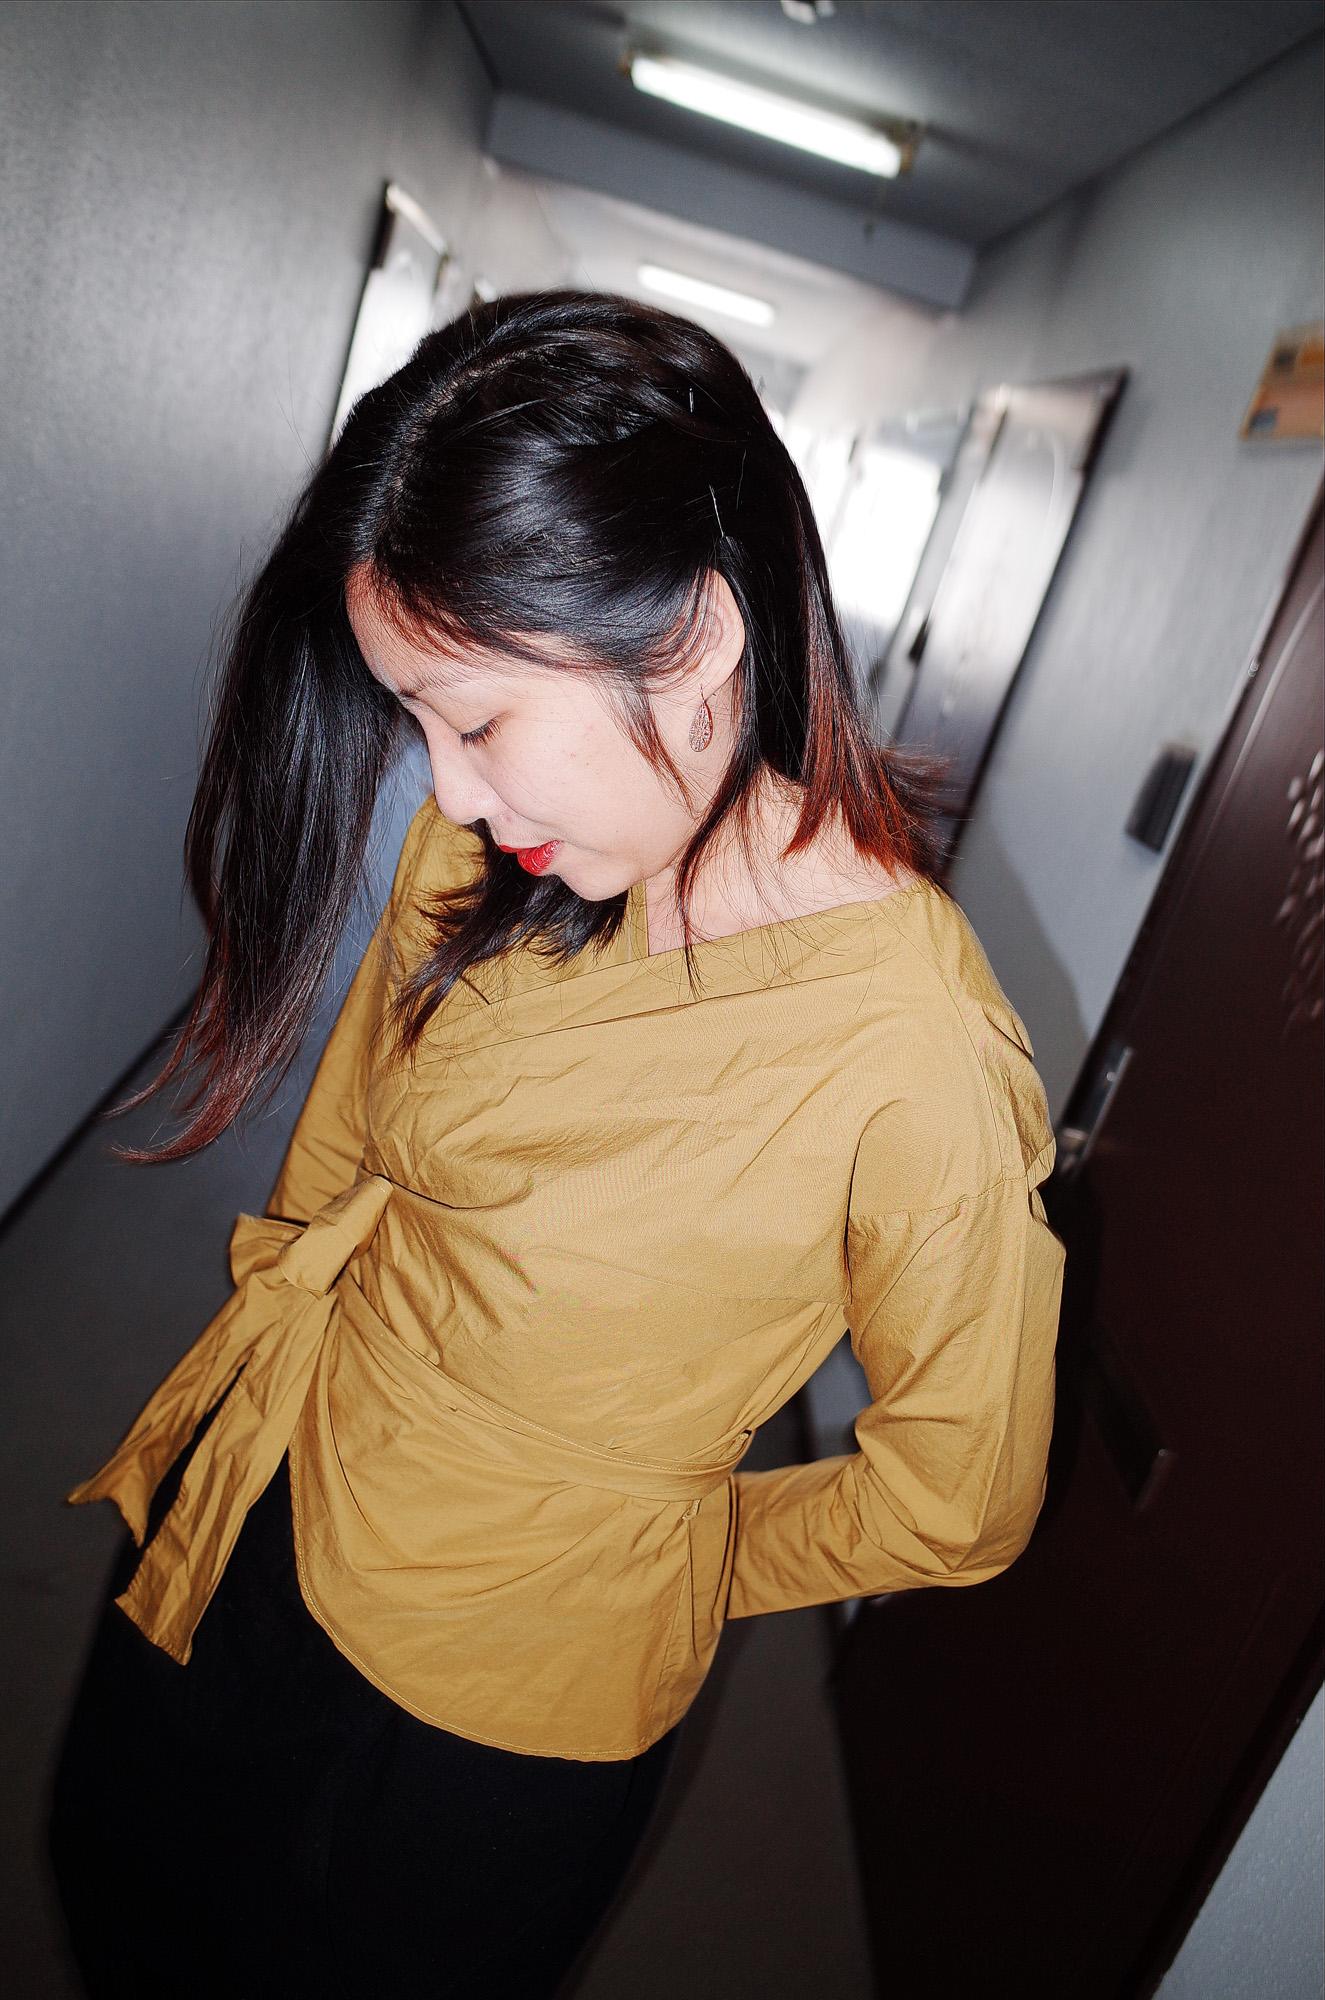 Osaka Cindy yellow outfit